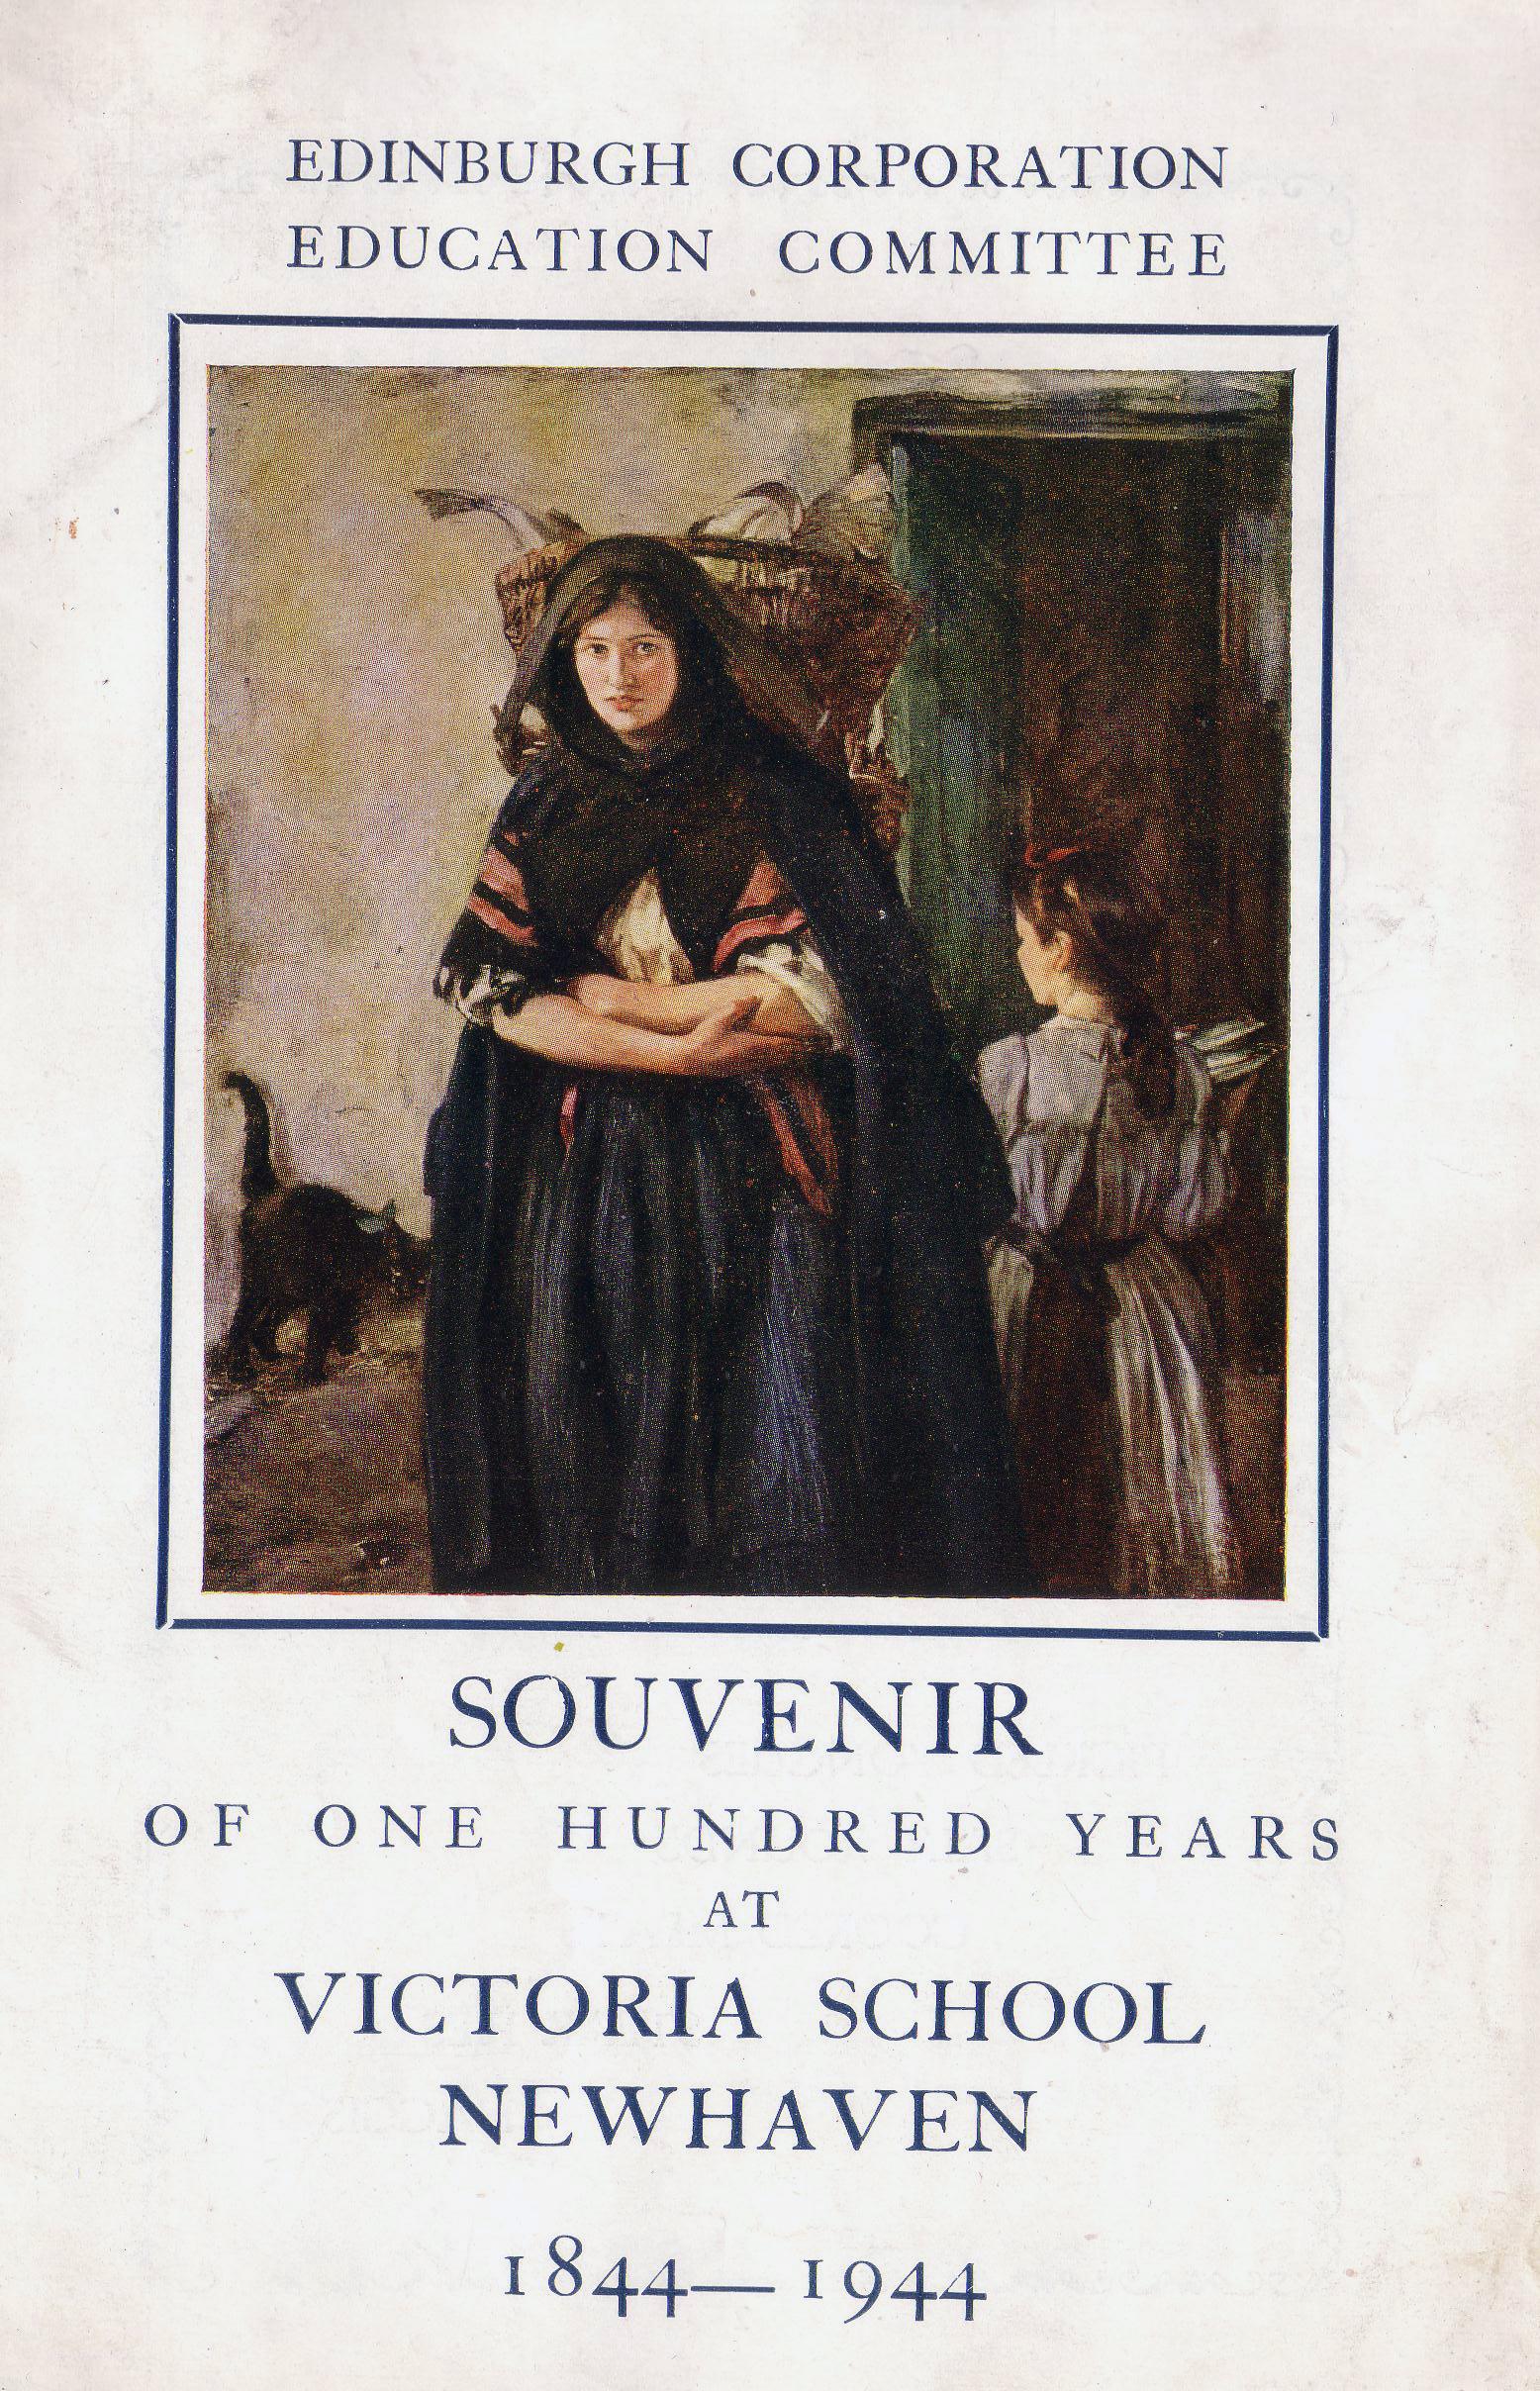 Victoria School Centenary Publication 1944